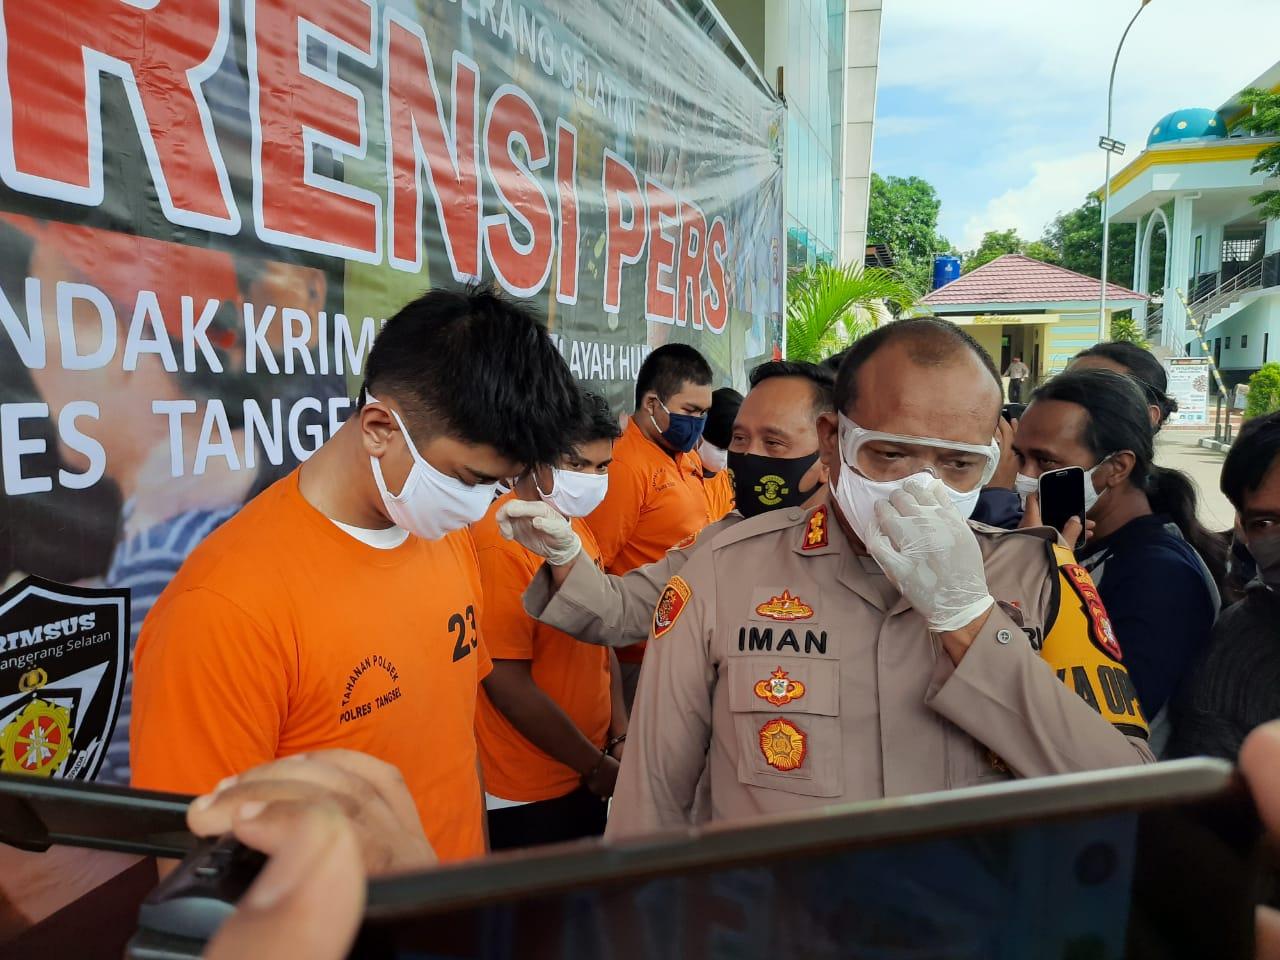 Kapolres Tangsel AKBP Iman Setiawan saat menginterogasi para tersangka pelaku pemerasan yang berlagak seperti layaknya polisi, Rabu (27/5/2020).